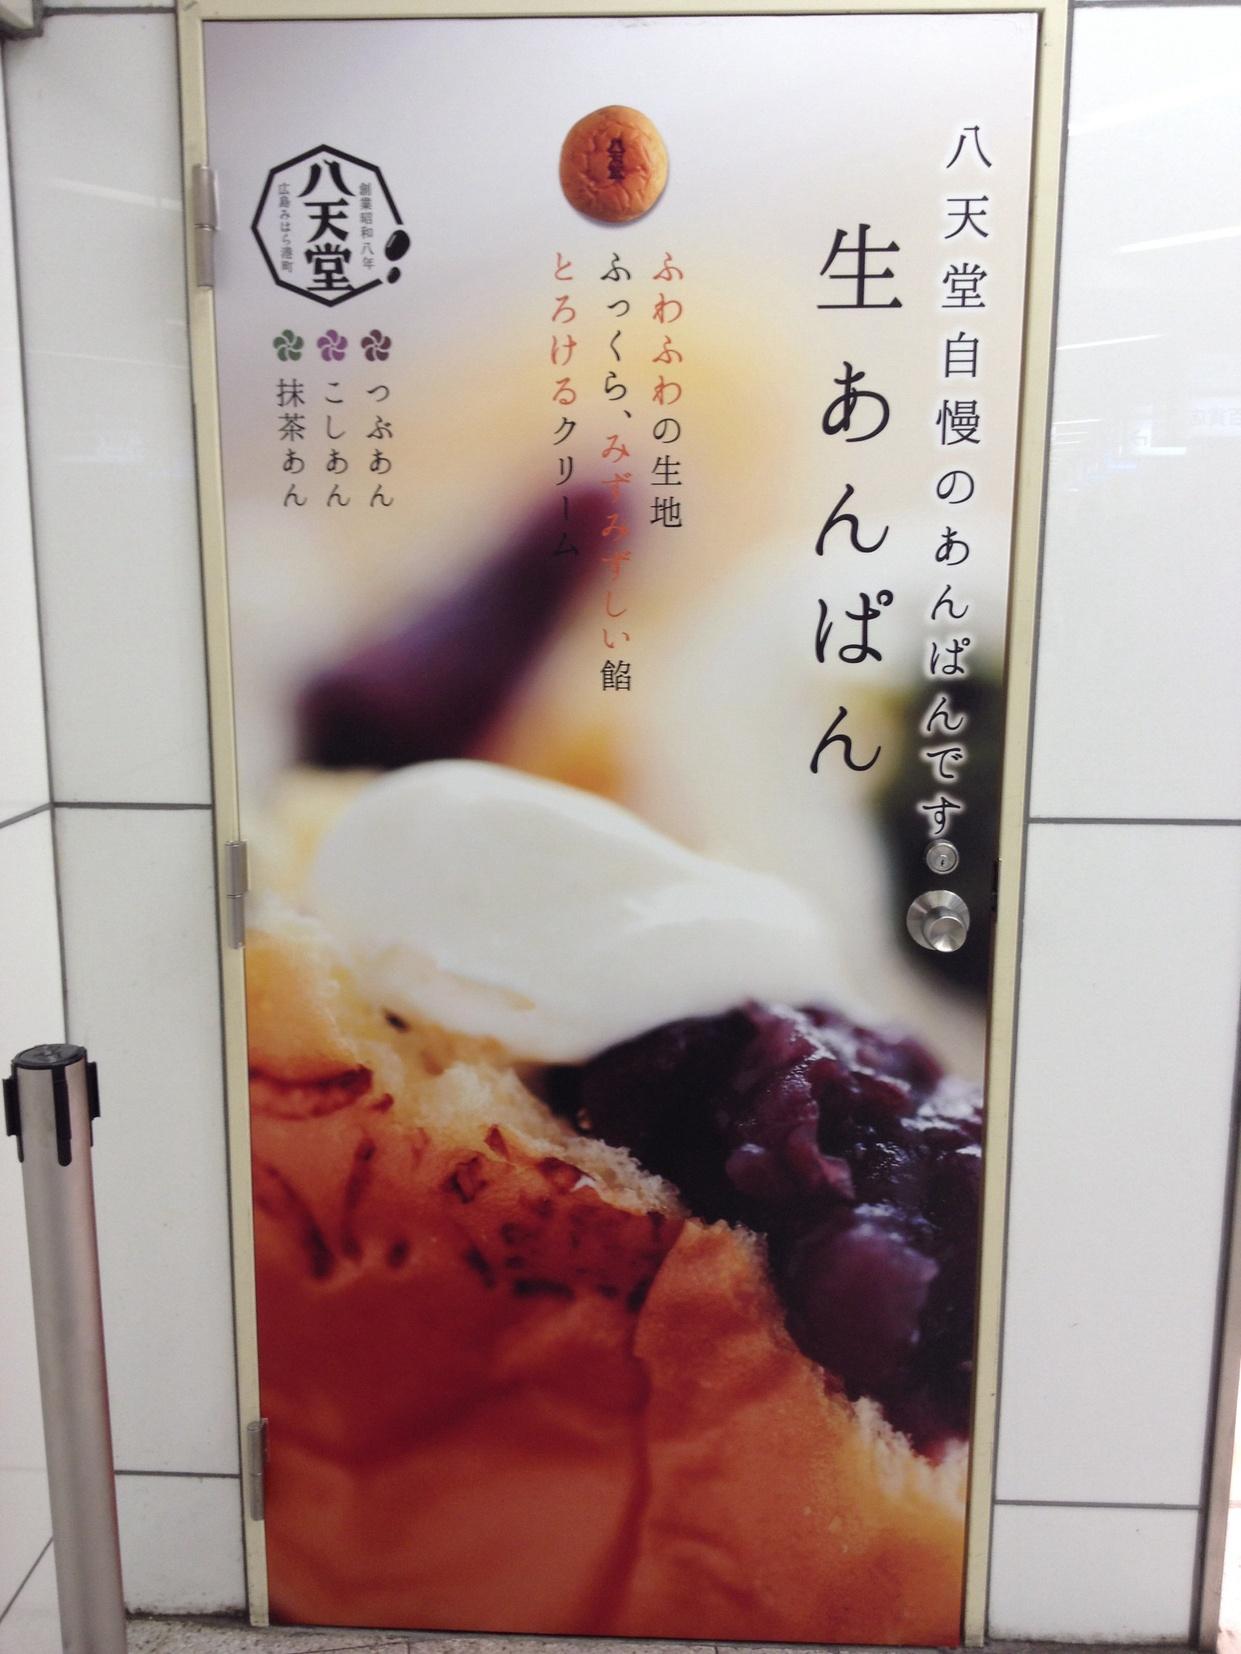 八天堂 ekimo梅田店